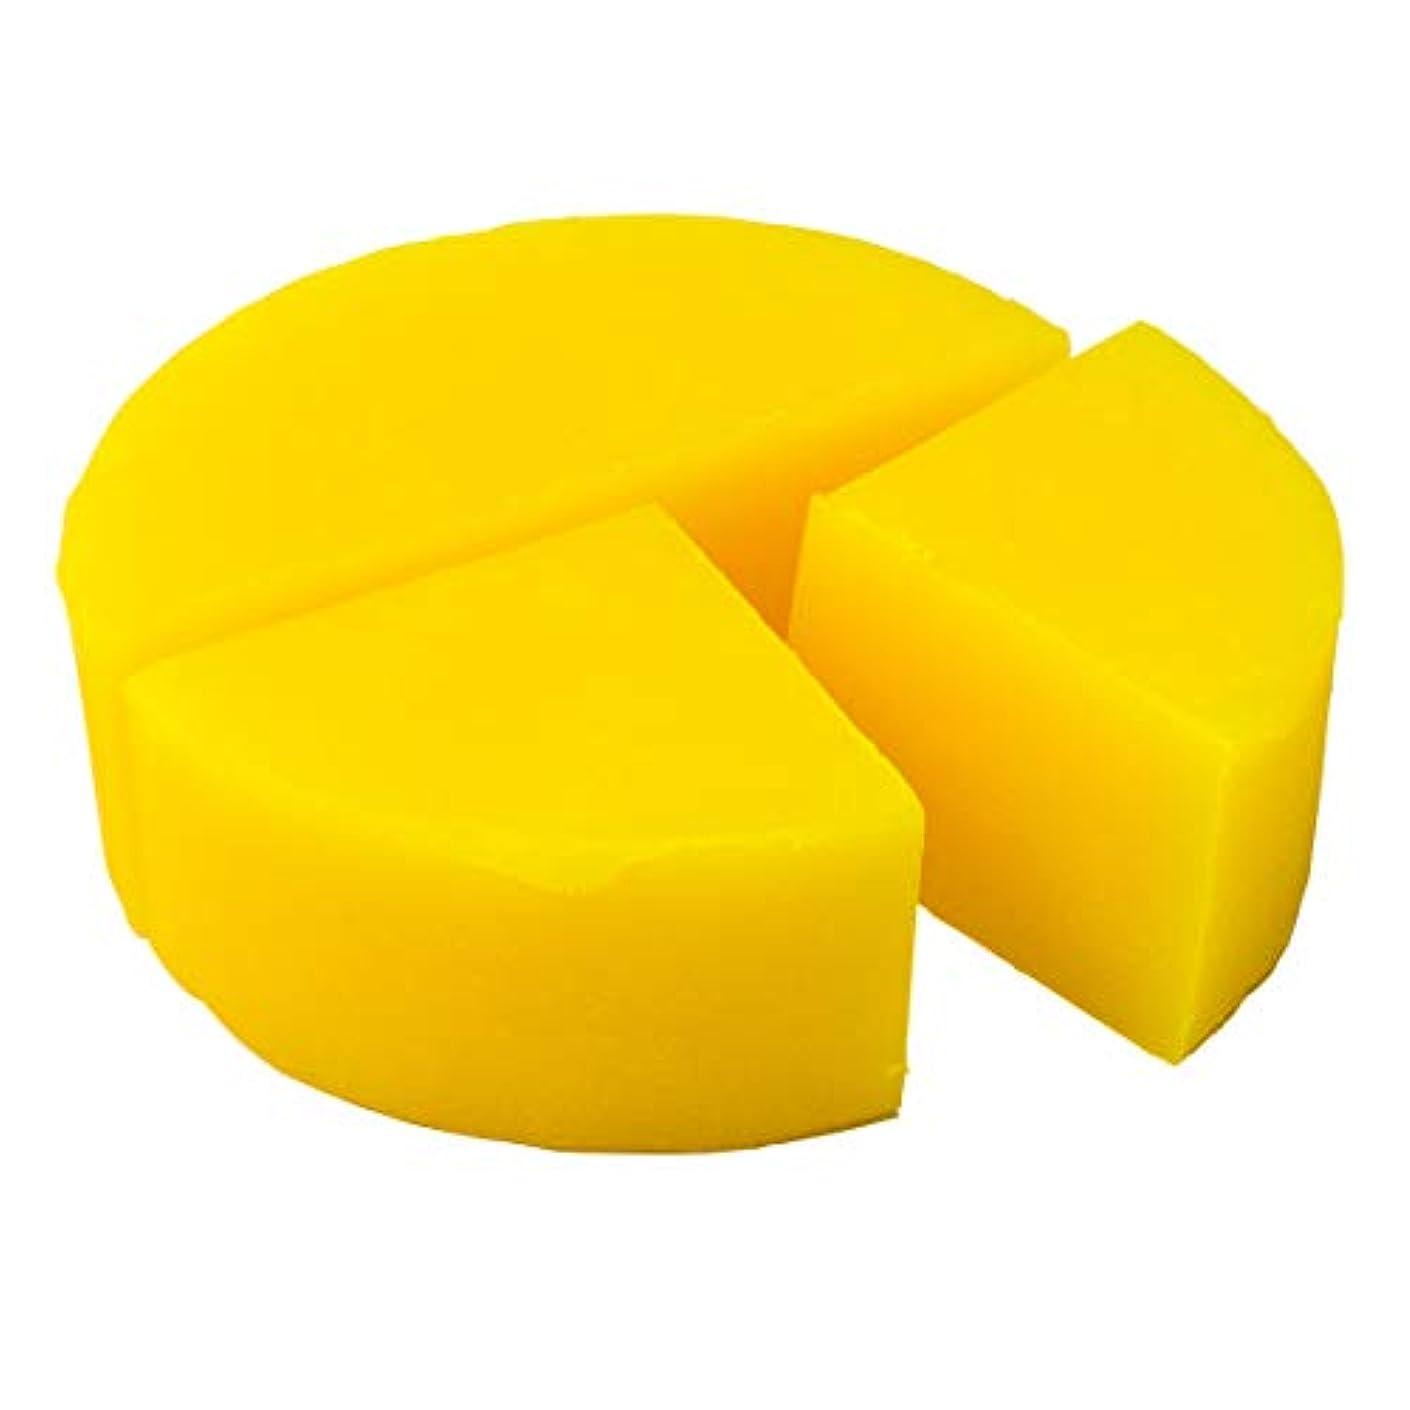 刺すカビ接続グリセリン クリアソープ 色チップ 黄 100g (MPソープ)